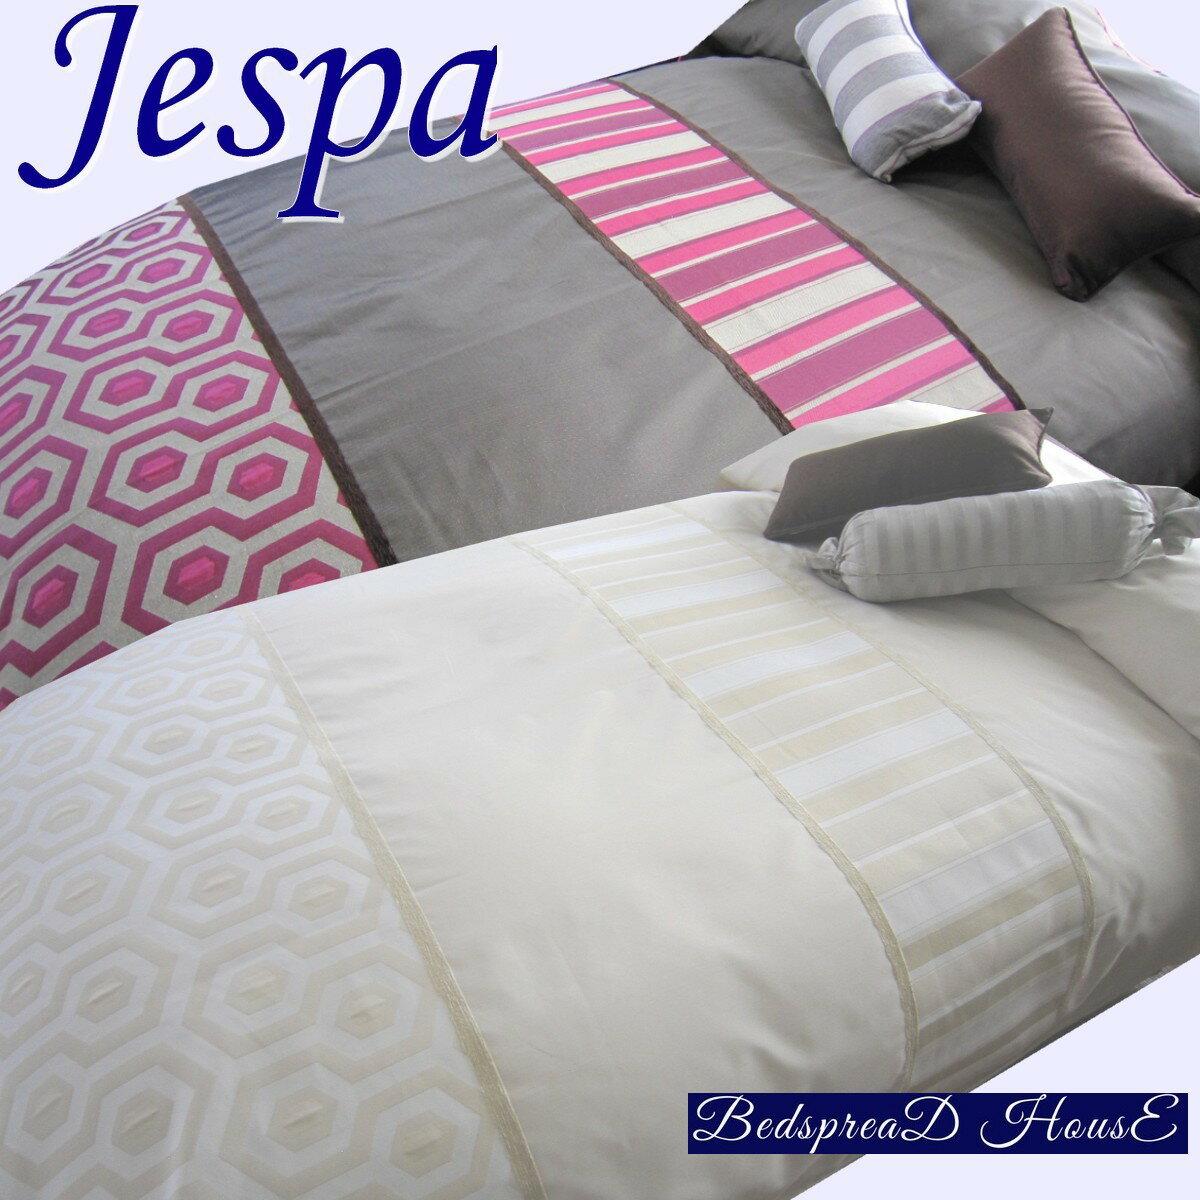 ベッドスプレッド シングル 180×270 cmジェスパ スペイン製 日本仕様 ジャガード織 リバーシブル 1.2kg 超広幅生地&デザイン 継ぎ目が無い ベッドカバー ホテル仕様 マルチカバー ギフト プレゼント ご家庭洗濯可